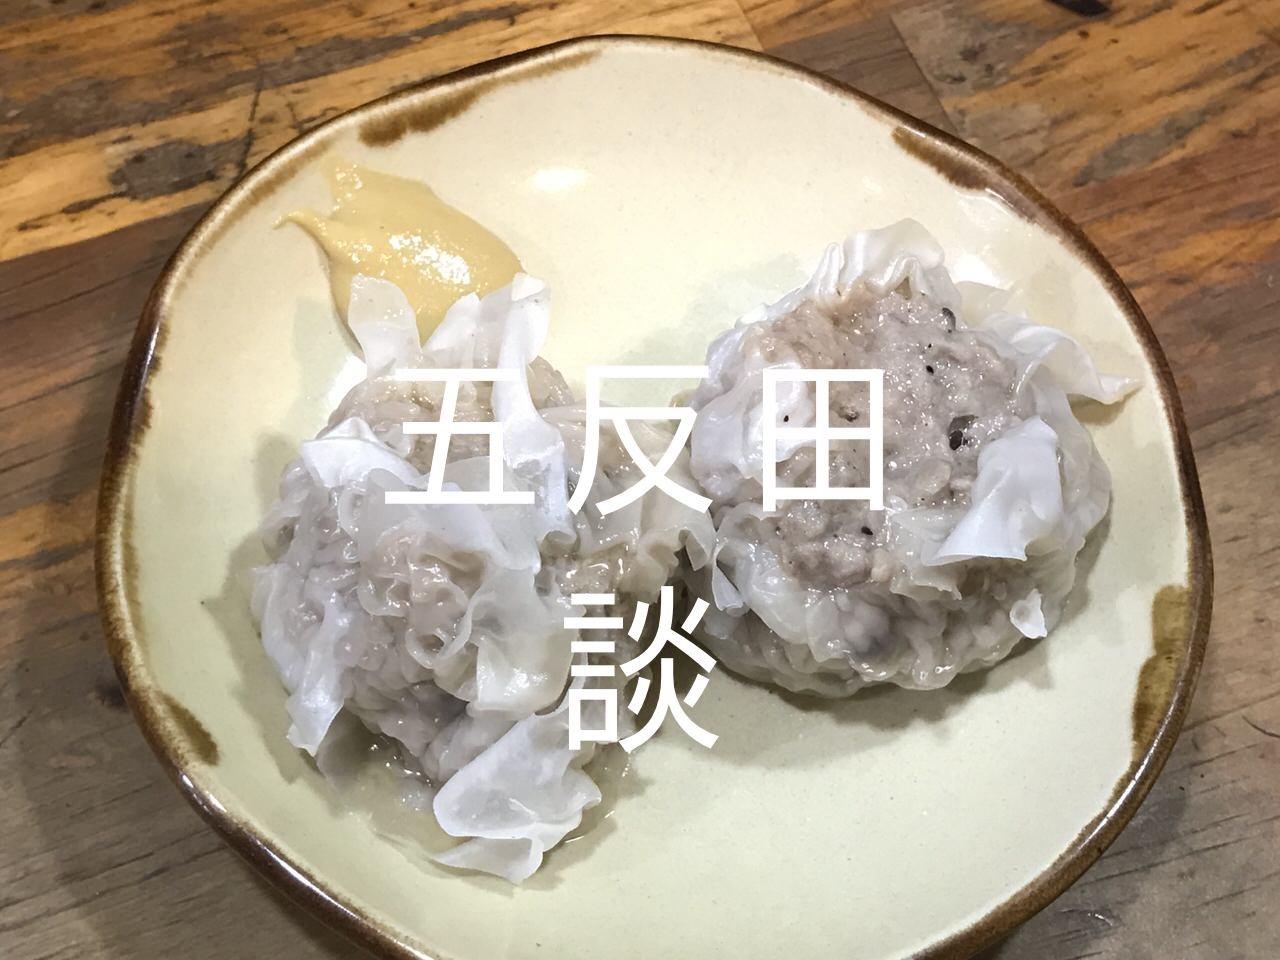 「呑み処 談」五反田No.1餃子にジューシーな肉汁溢れるシュウマイが絶品